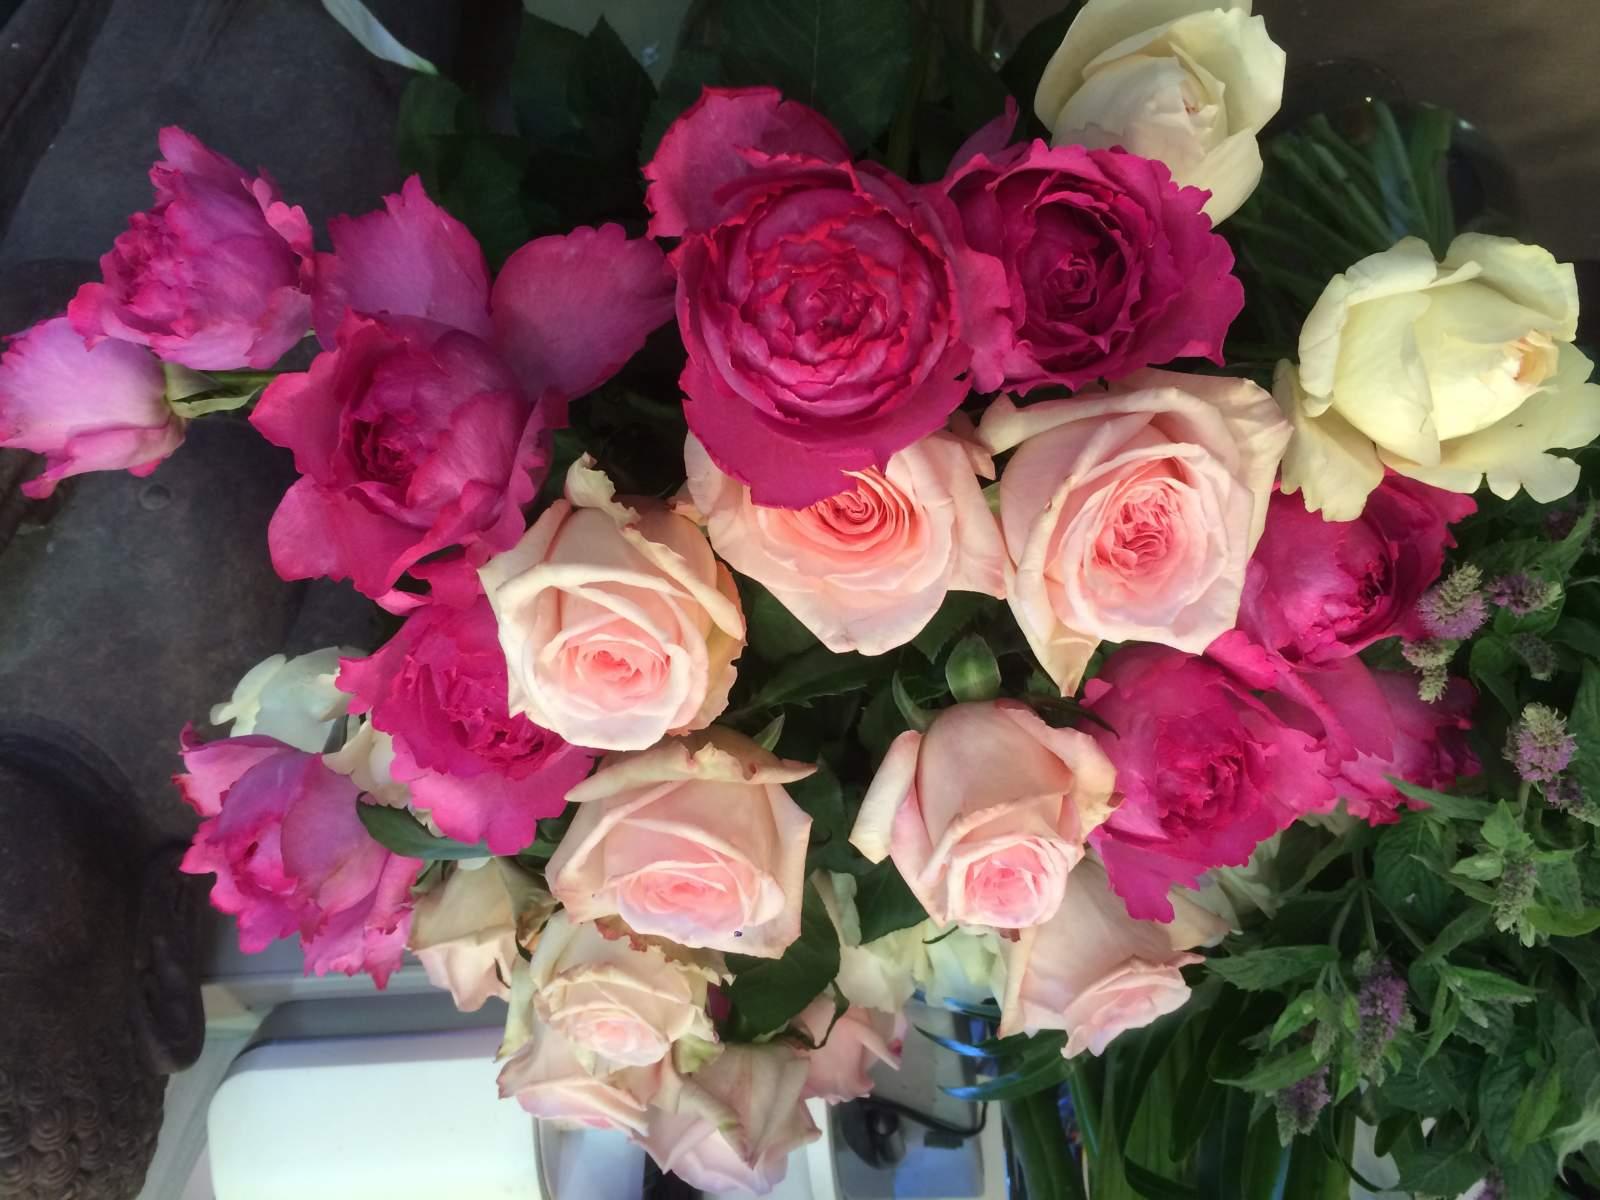 livraison de bouquets de fleurs domicile proche de lyon vente de fleurs et bougies meyzieu. Black Bedroom Furniture Sets. Home Design Ideas